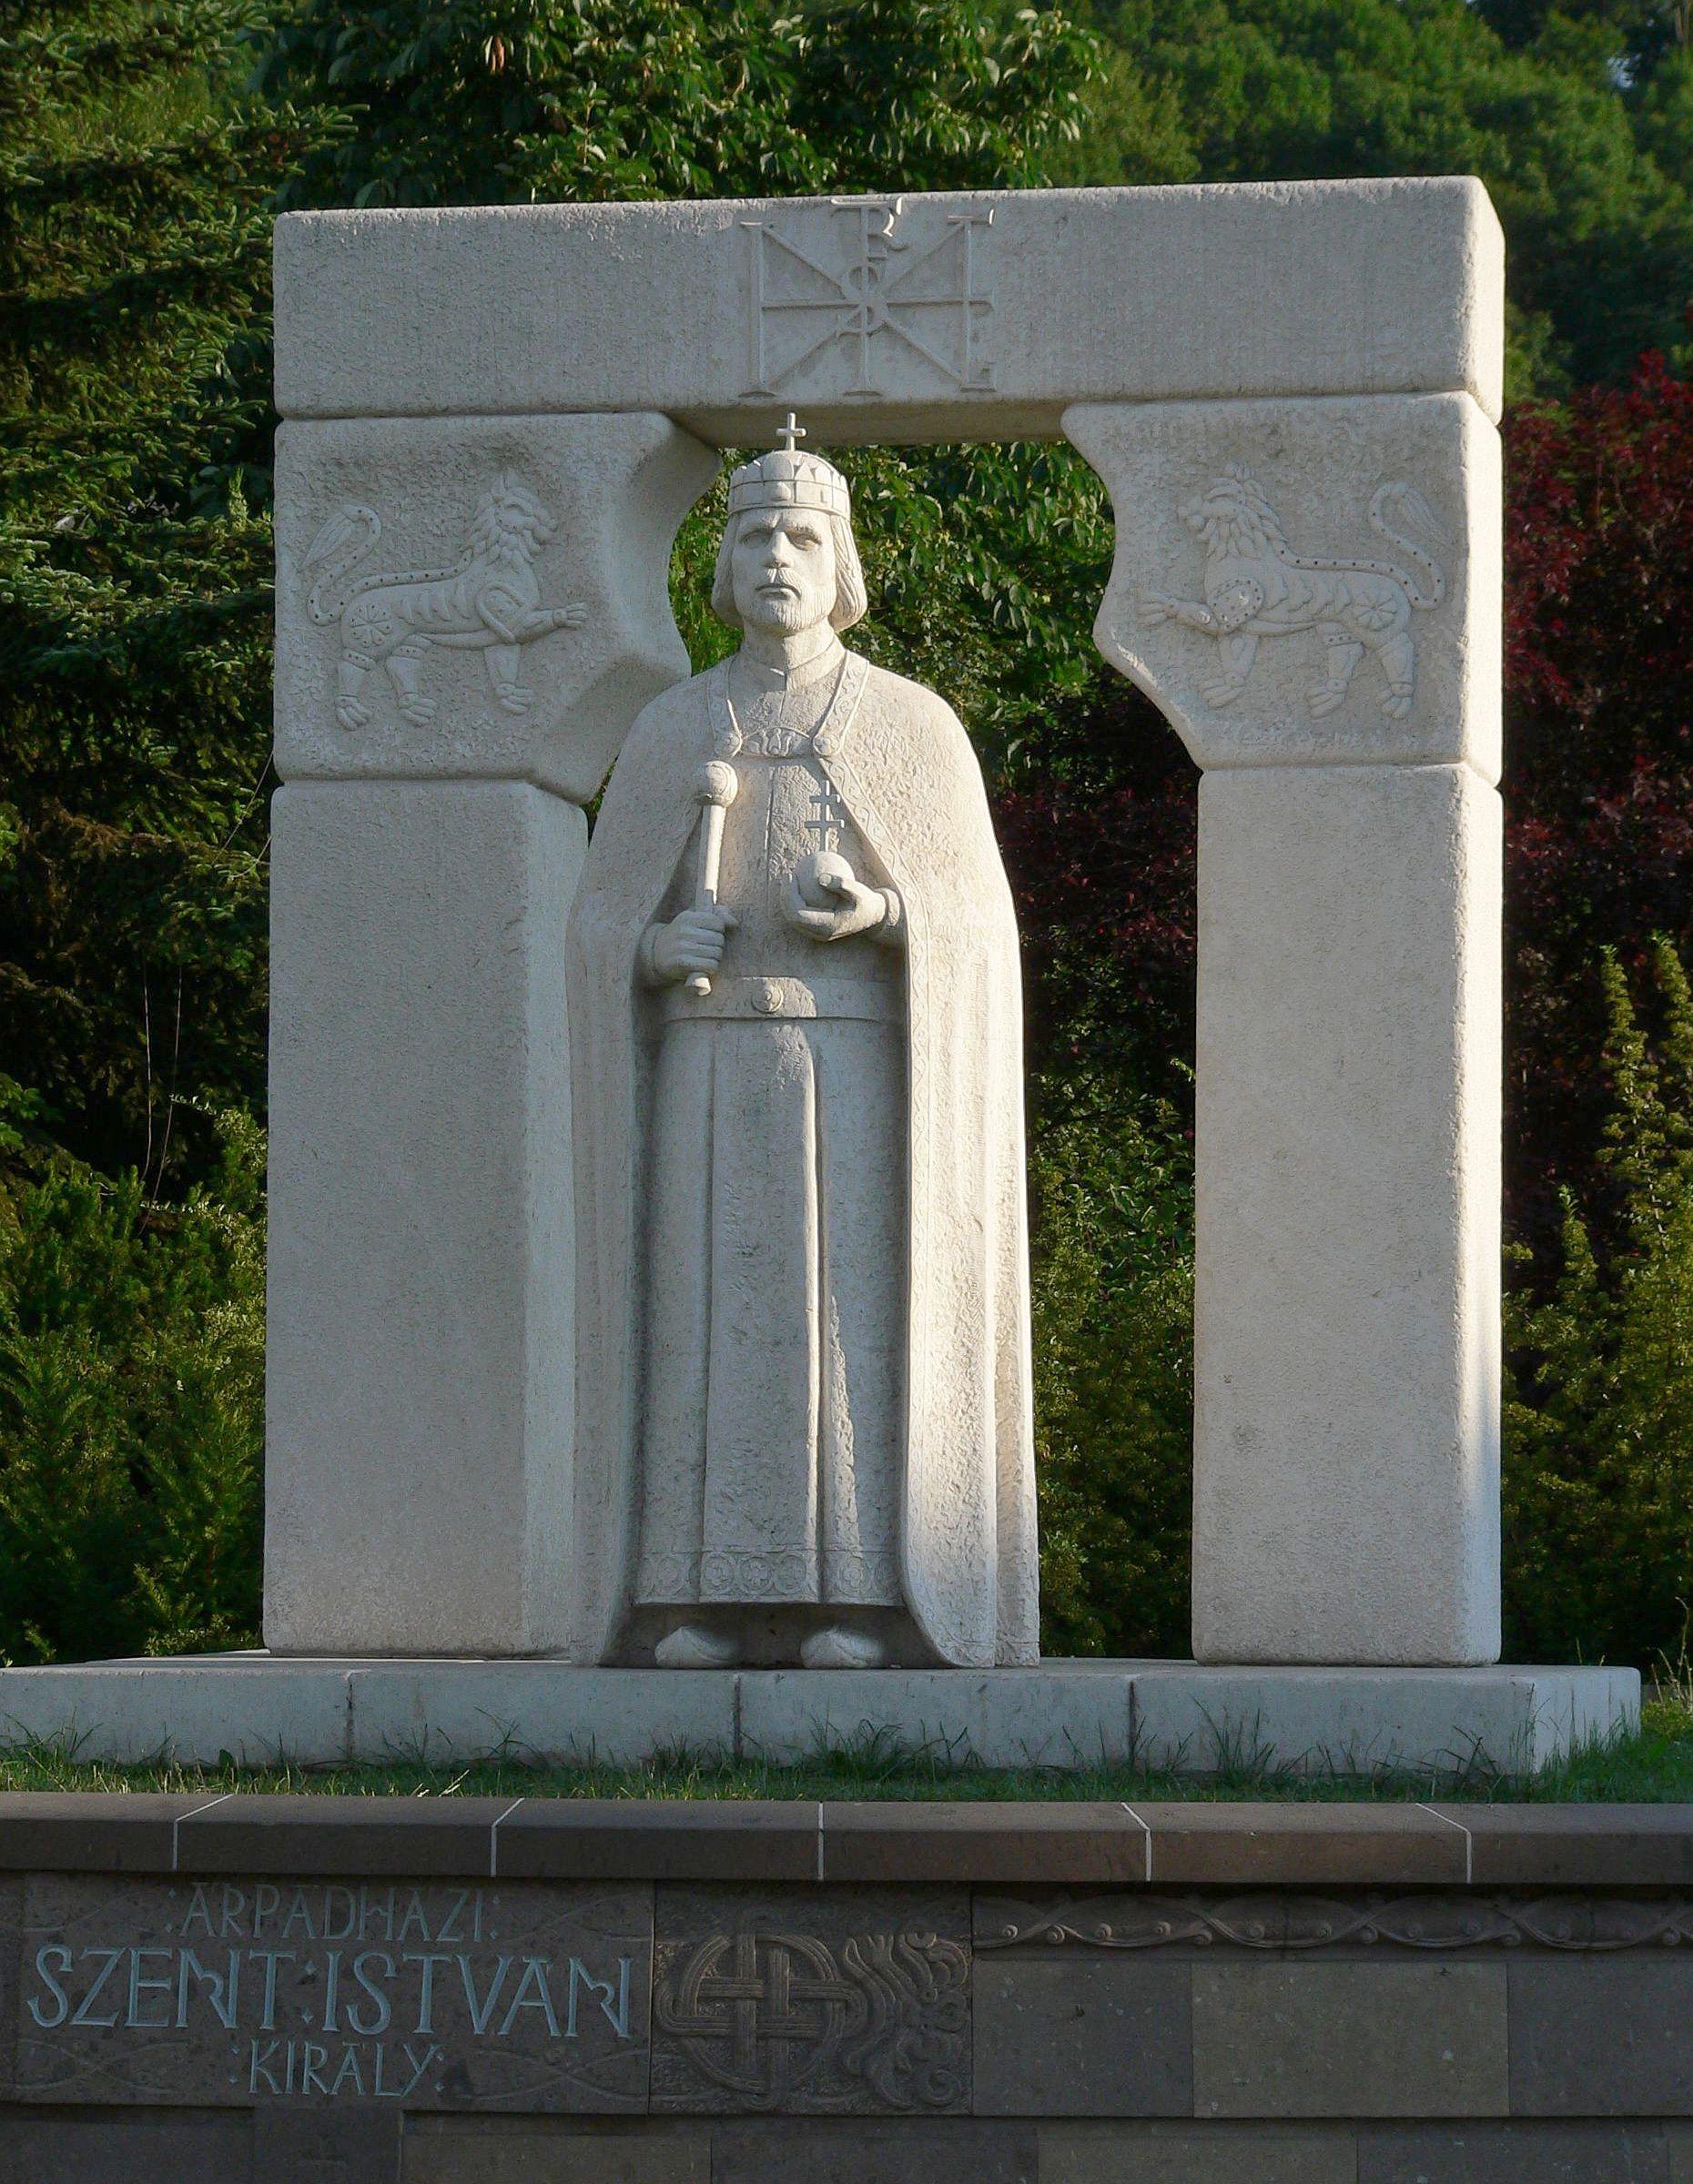 Jószeg Zsolt: Statue av den første ungarske kongen Stefan i Miskolc (2001)